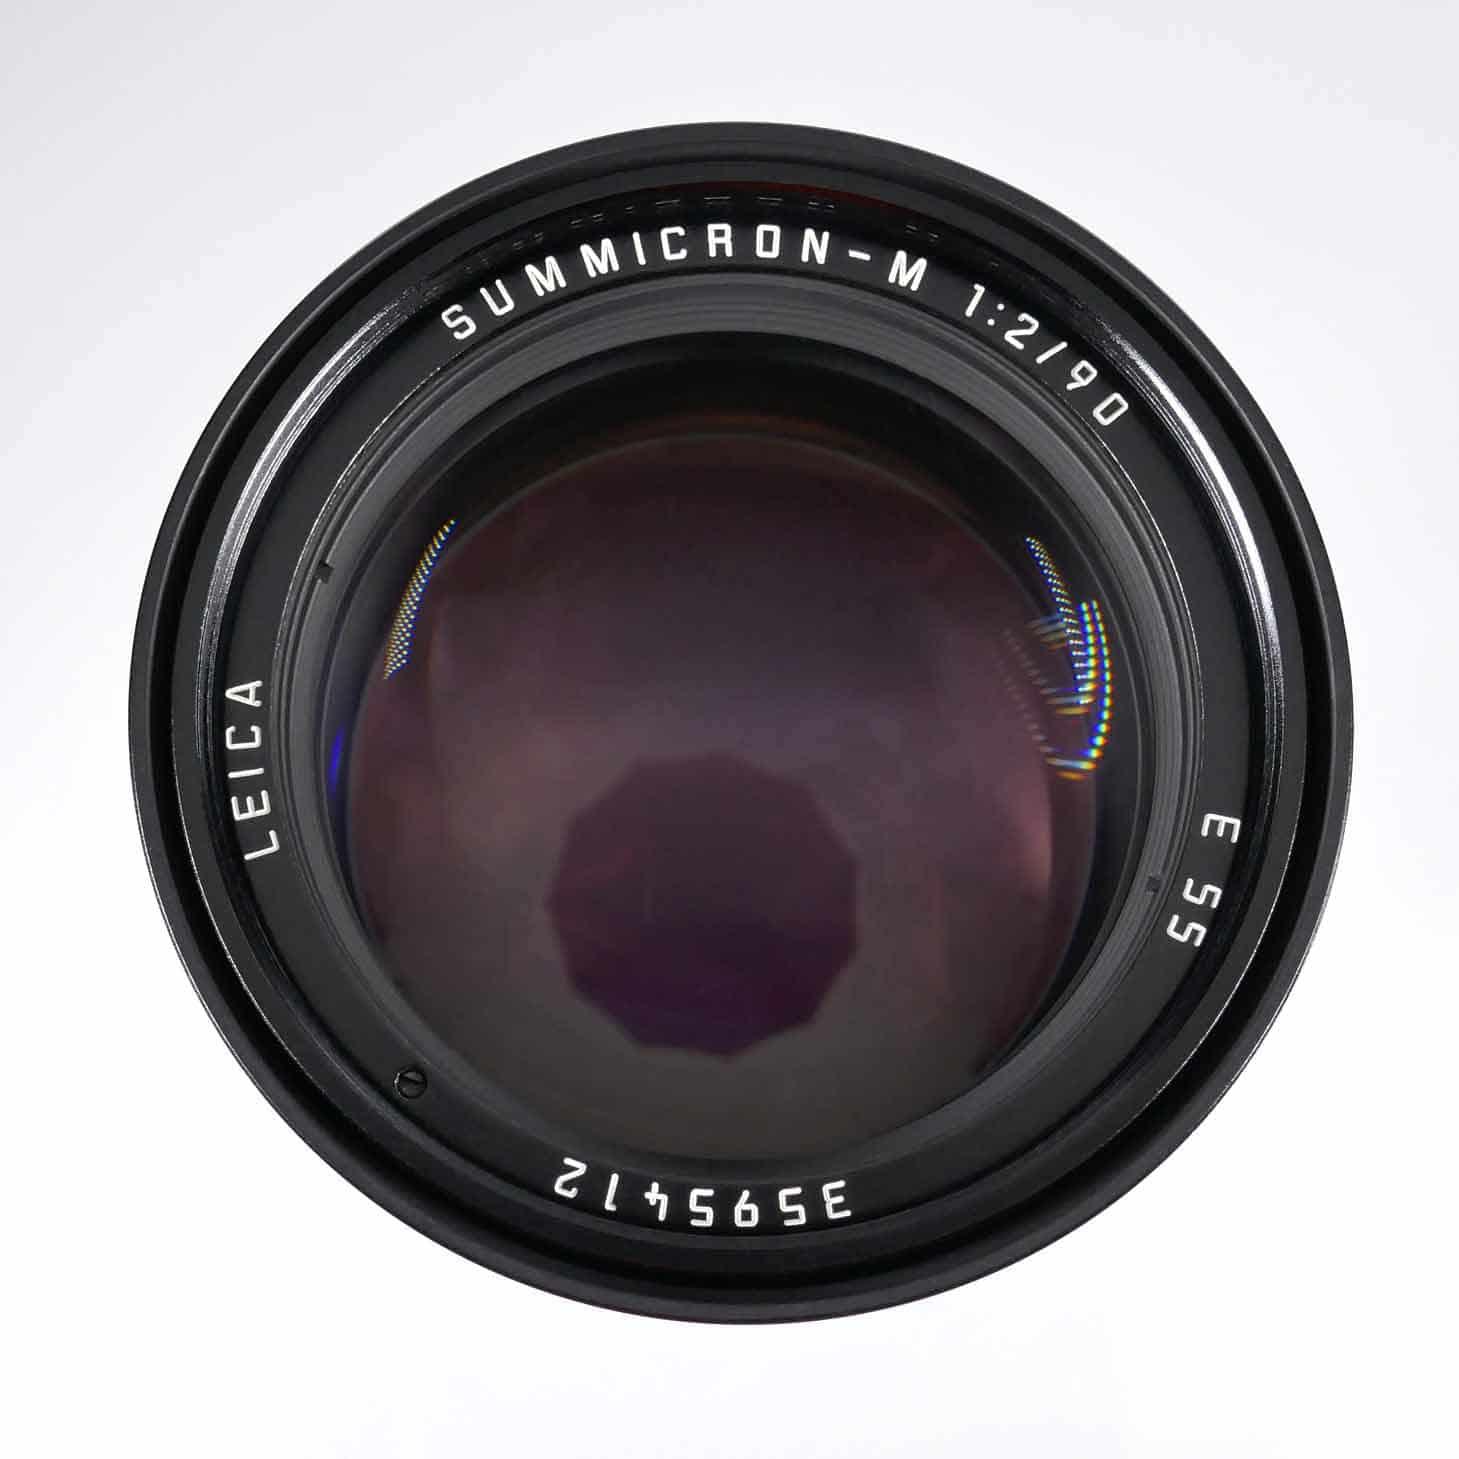 clean-cameras-LEICA-M-Summicron-90mm_2.0-III-02